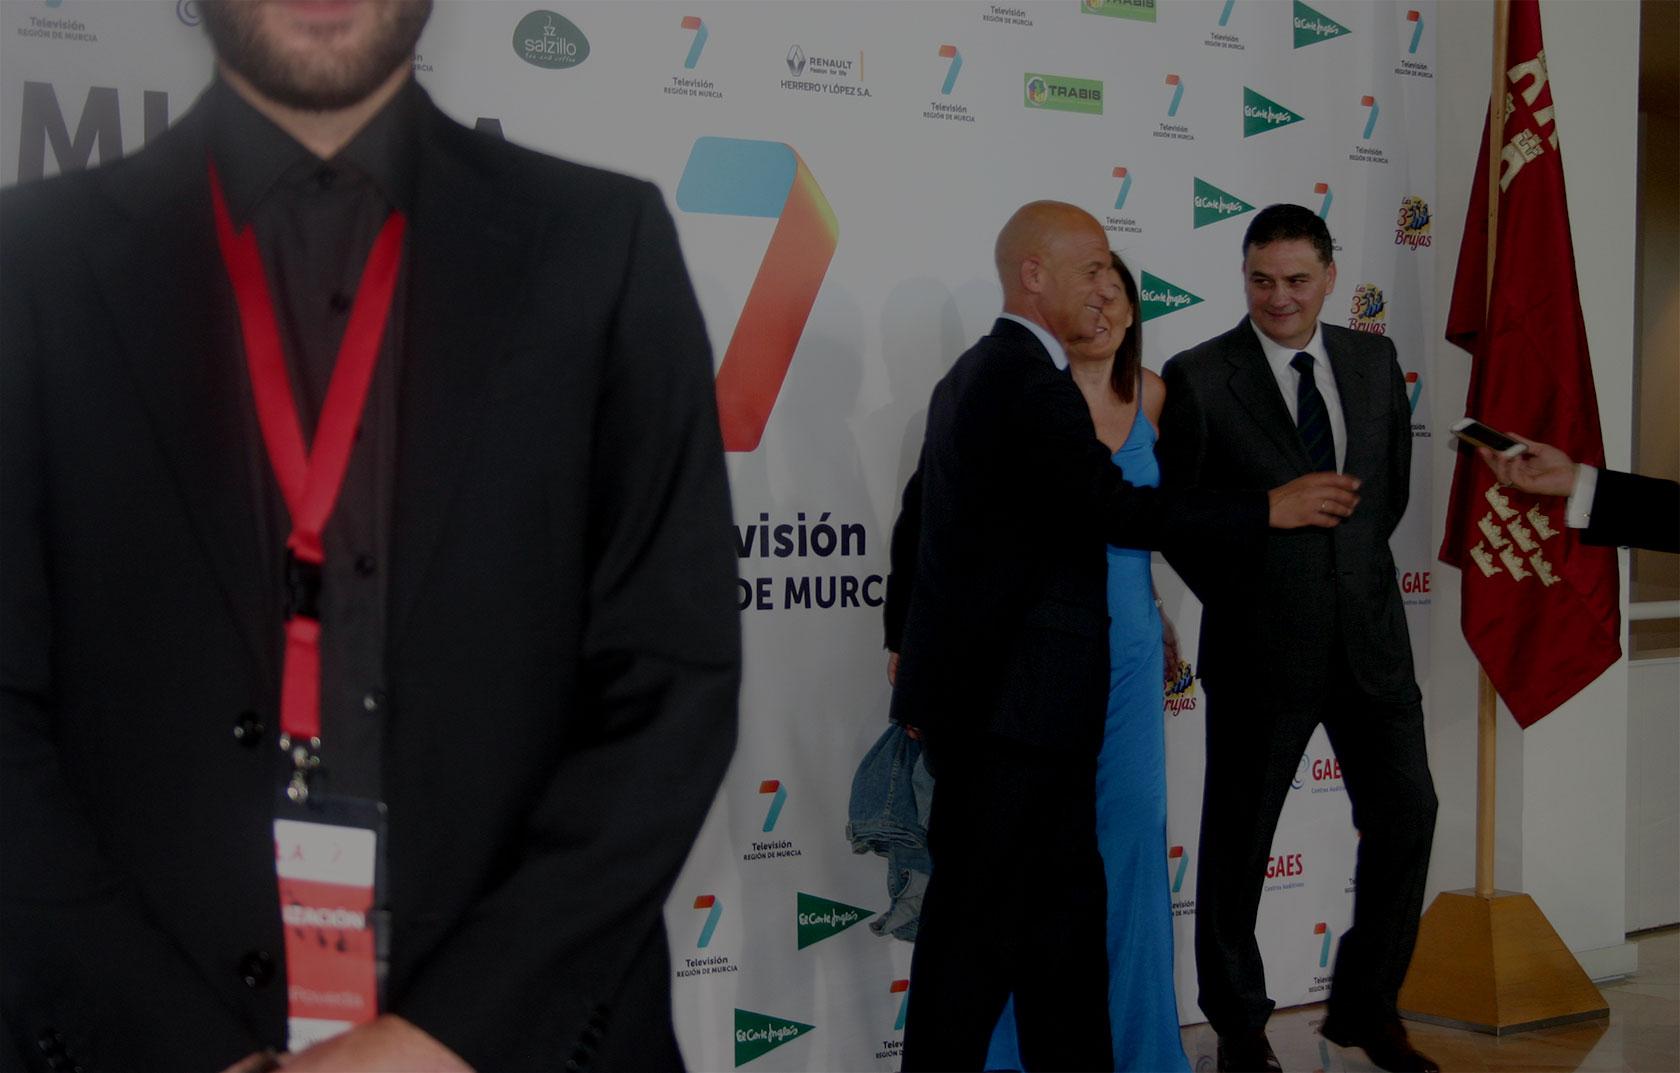 Eventos en Plural organiza y produce la Gala 7 TV Murcia